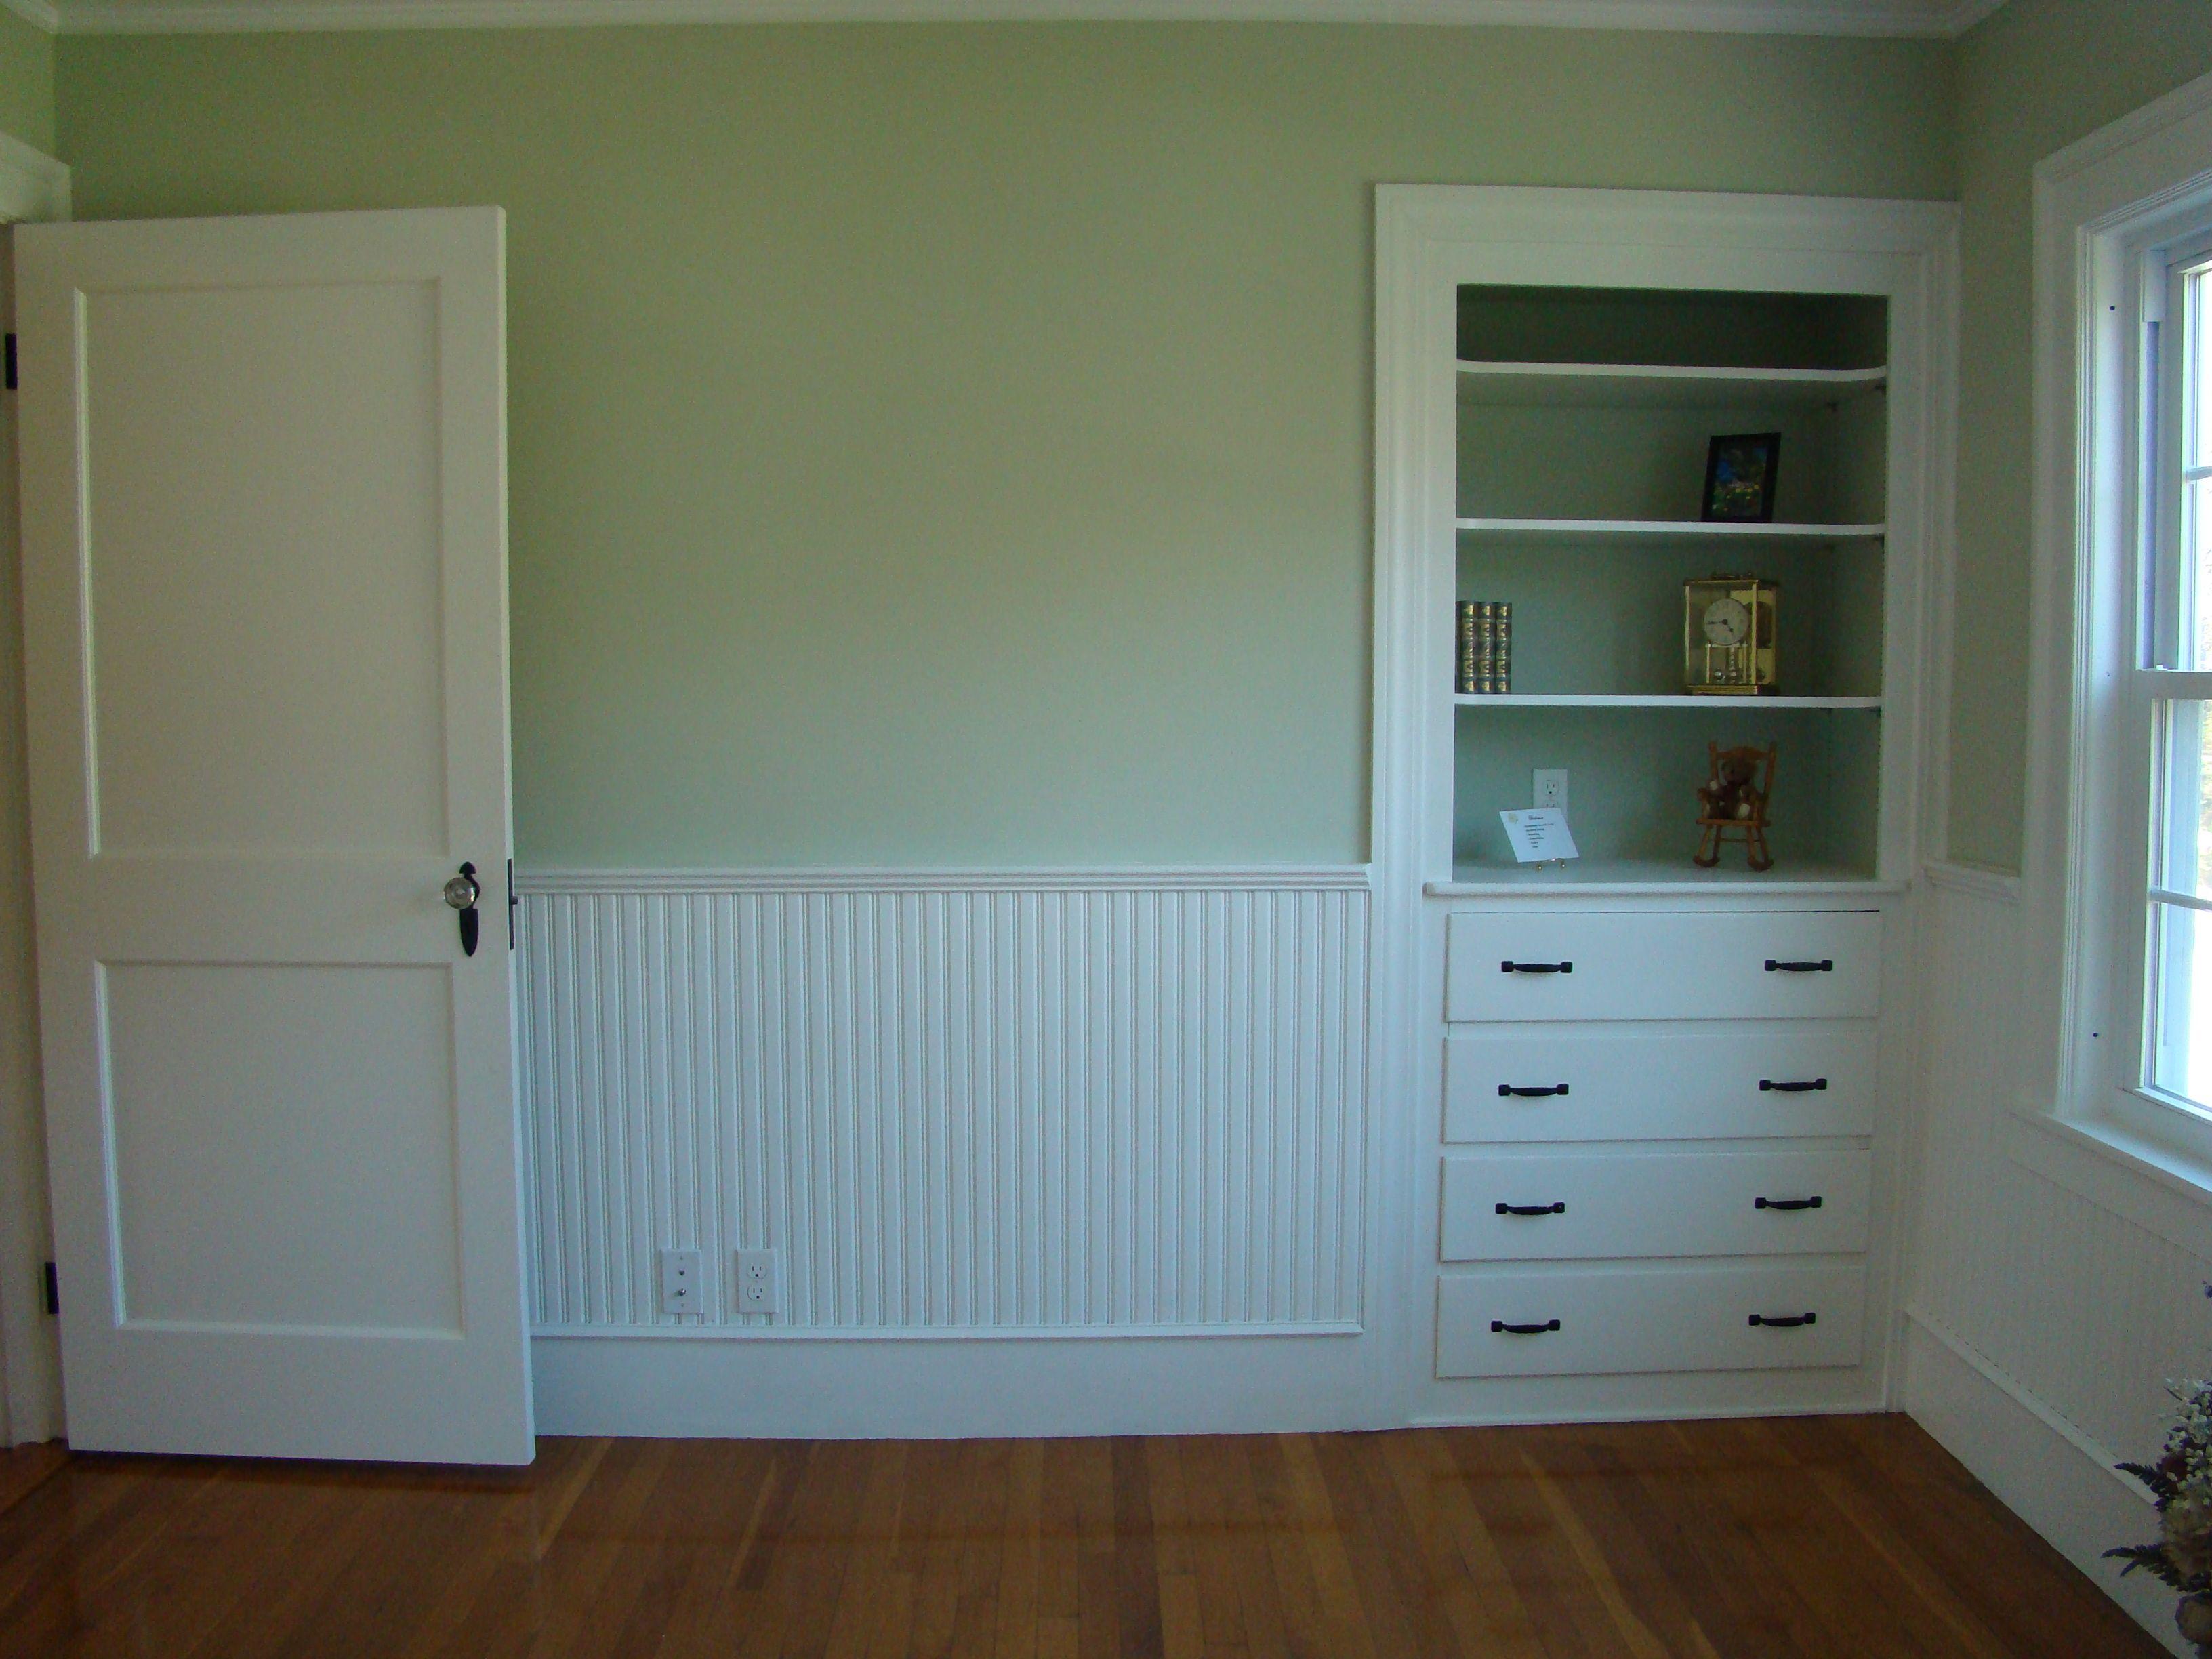 2nd floor Bedroom with built-in | Home decor, 2nd floor ...